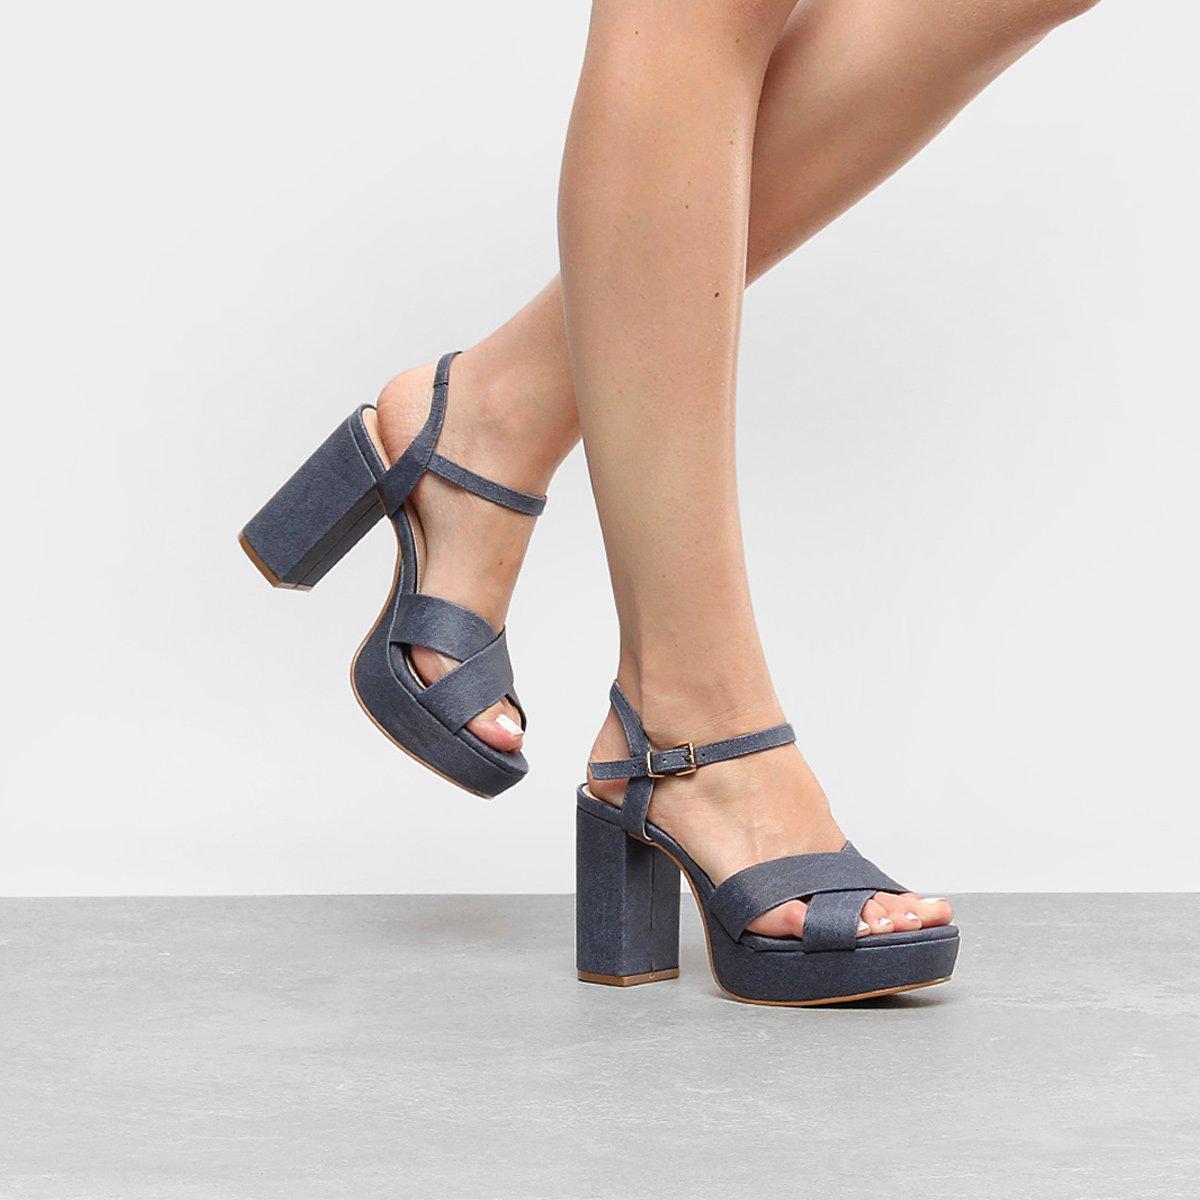 cbda7bb924 Sandália Shoestock Meia Pata Tiras Cruzadas Feminina - Compre Agora ...